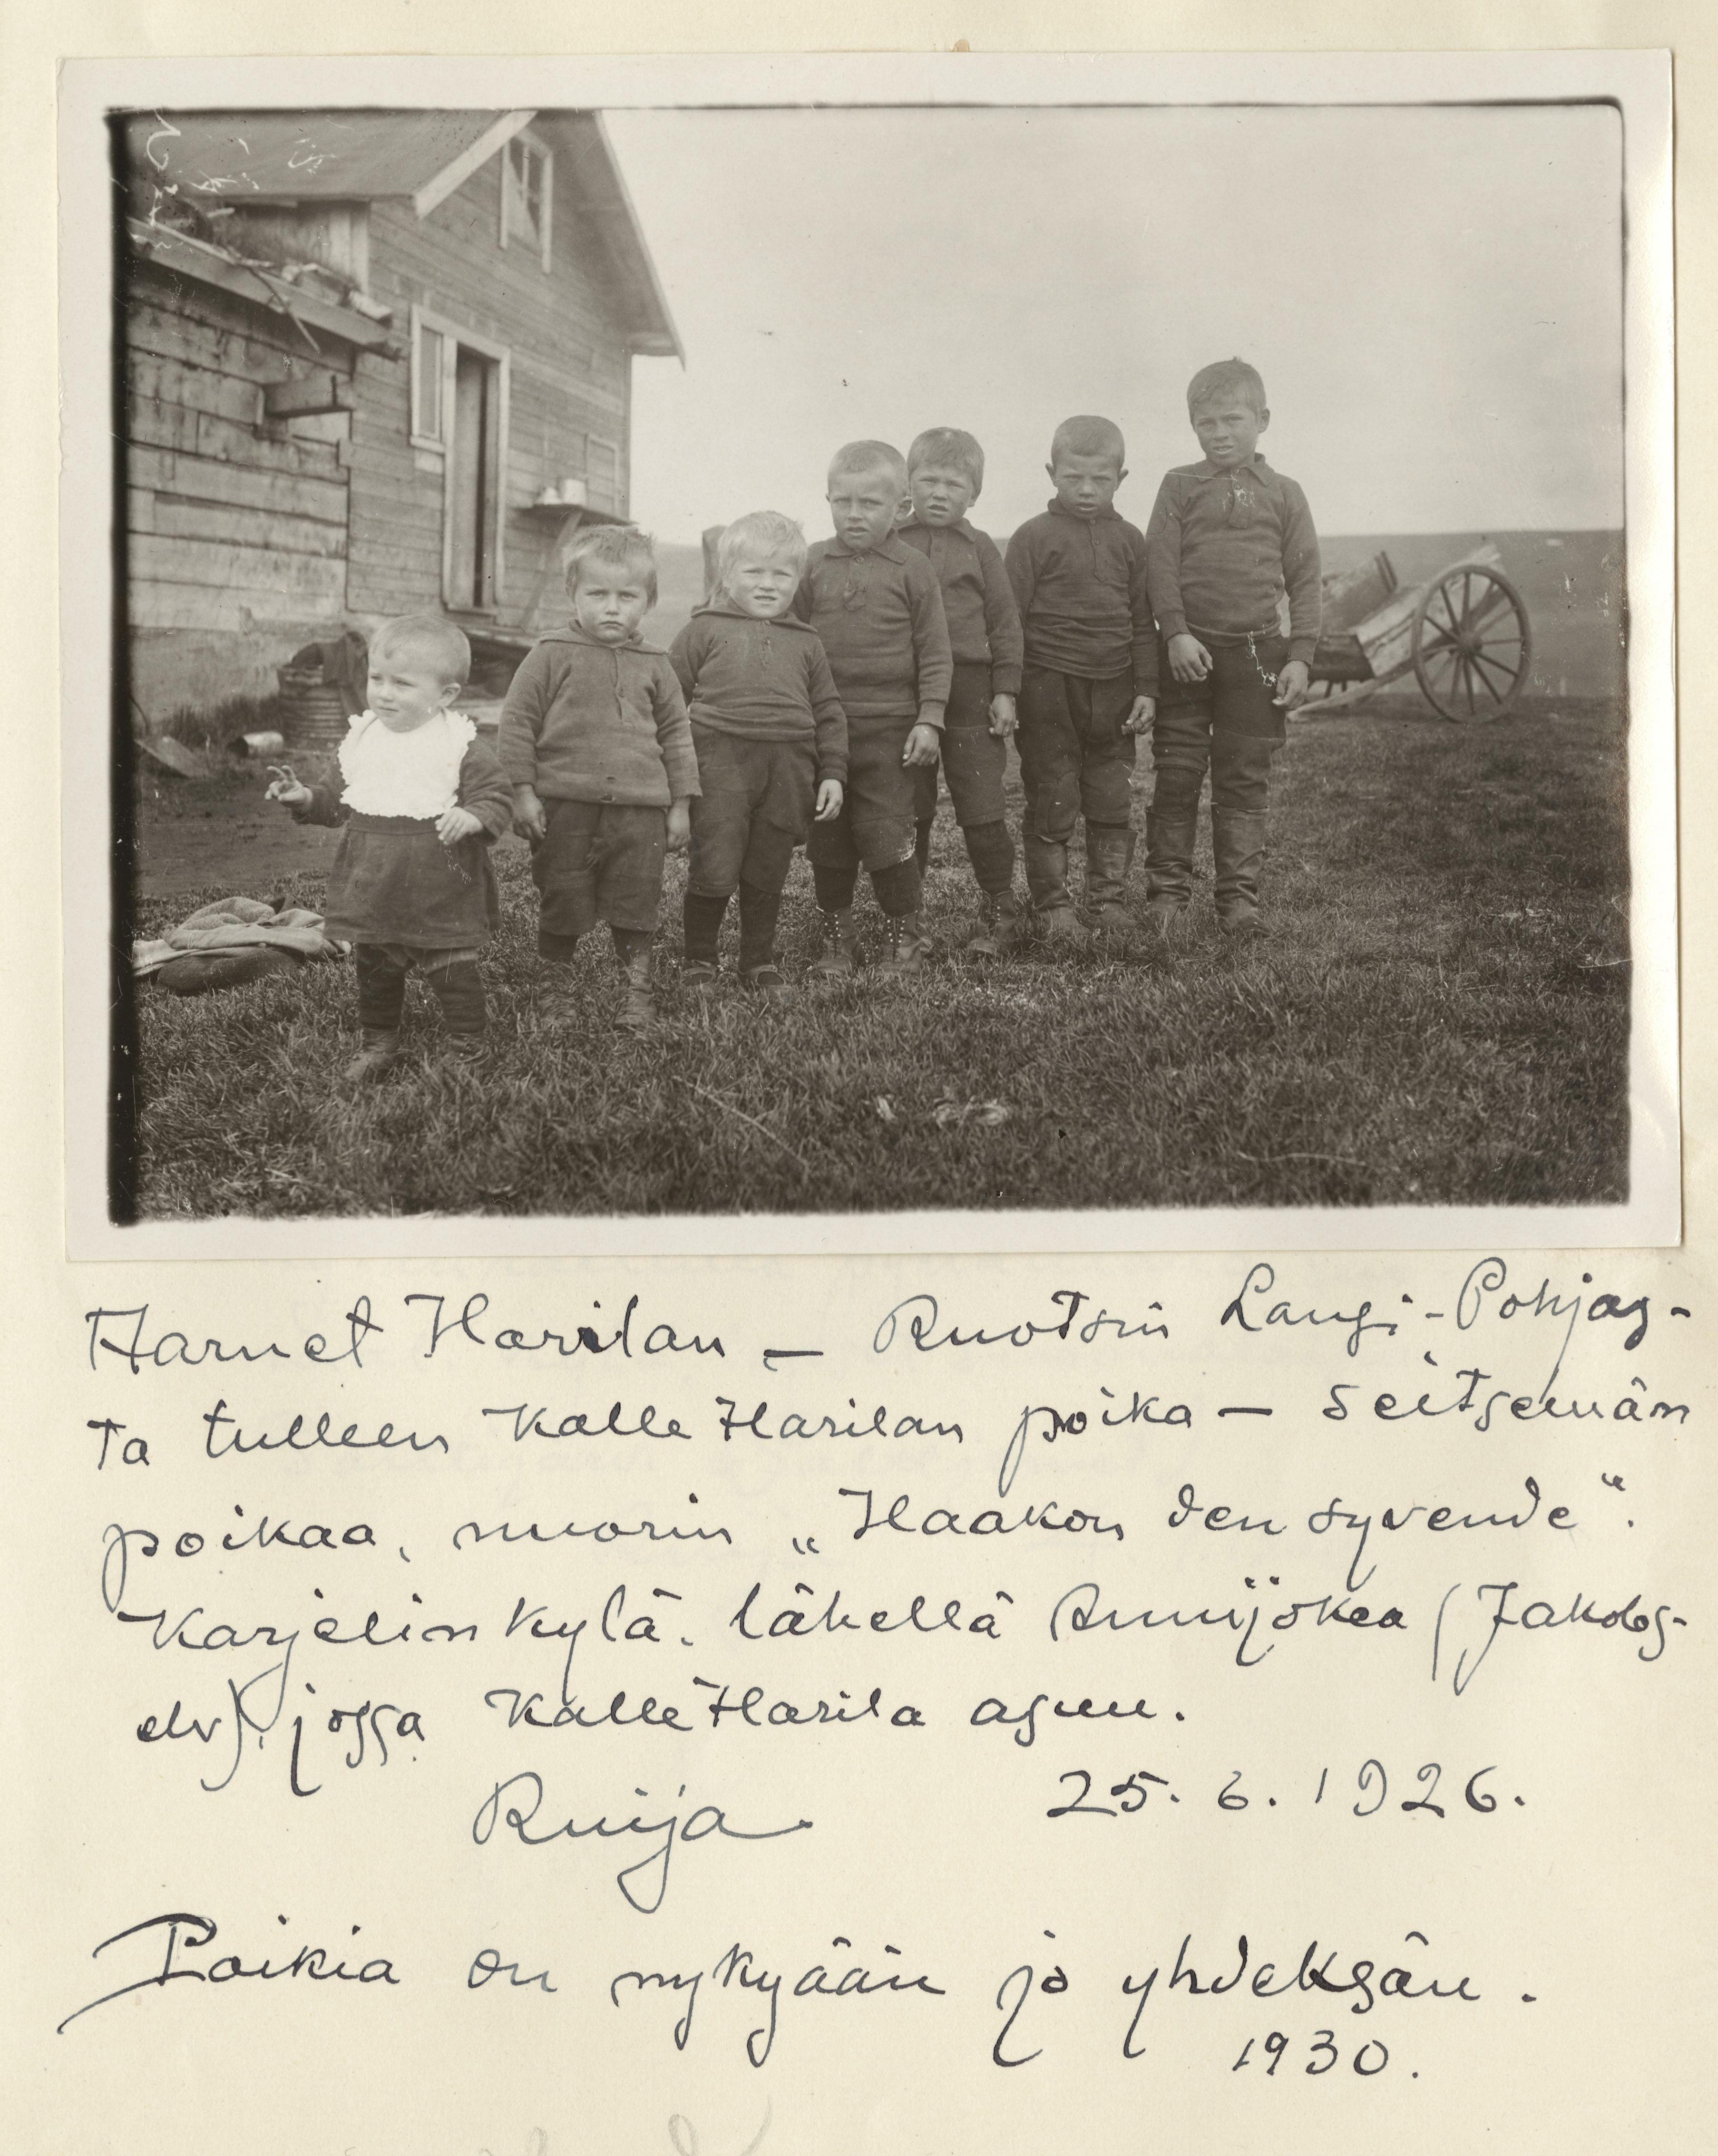 Karl-Andreas, Leif-Arnet, Laurits-Ingvar, Erling-Ludvig, Otto-Ingeman, Hans-Valdemar ja Haakon Harila. Kuva: Samuli Paulaharju. SKS KRA.